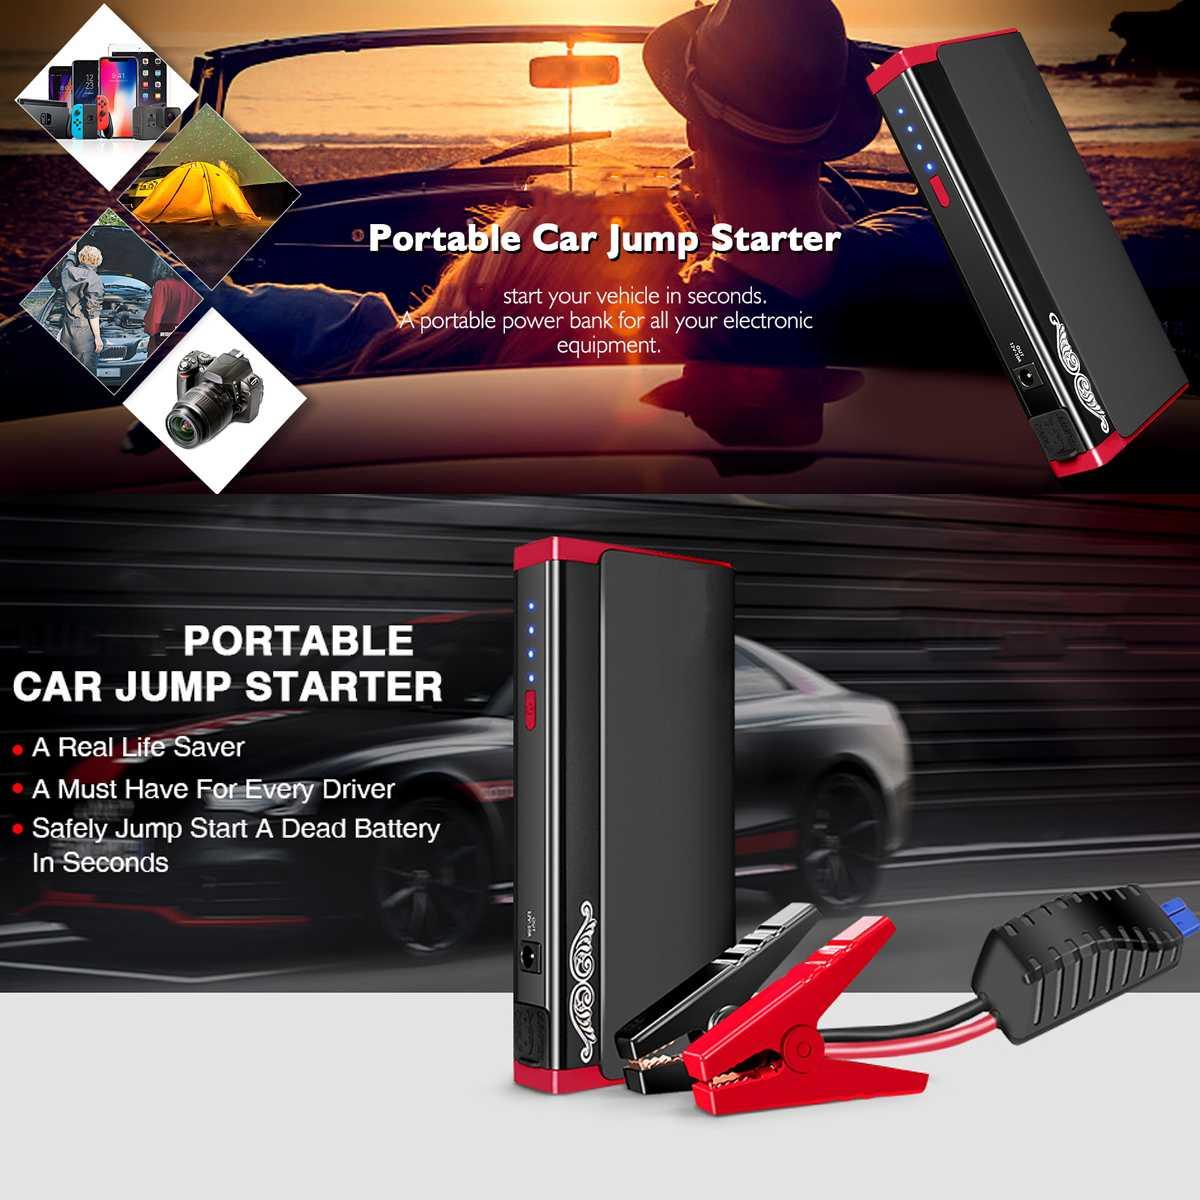 AUDEW LED Démarreur Voiture De Saut 13800mA Portable Booster Batterie Chargeur 2 USB Puissance Banque Dispositif de Démarrage Essence Diesels Voiture Démarreur